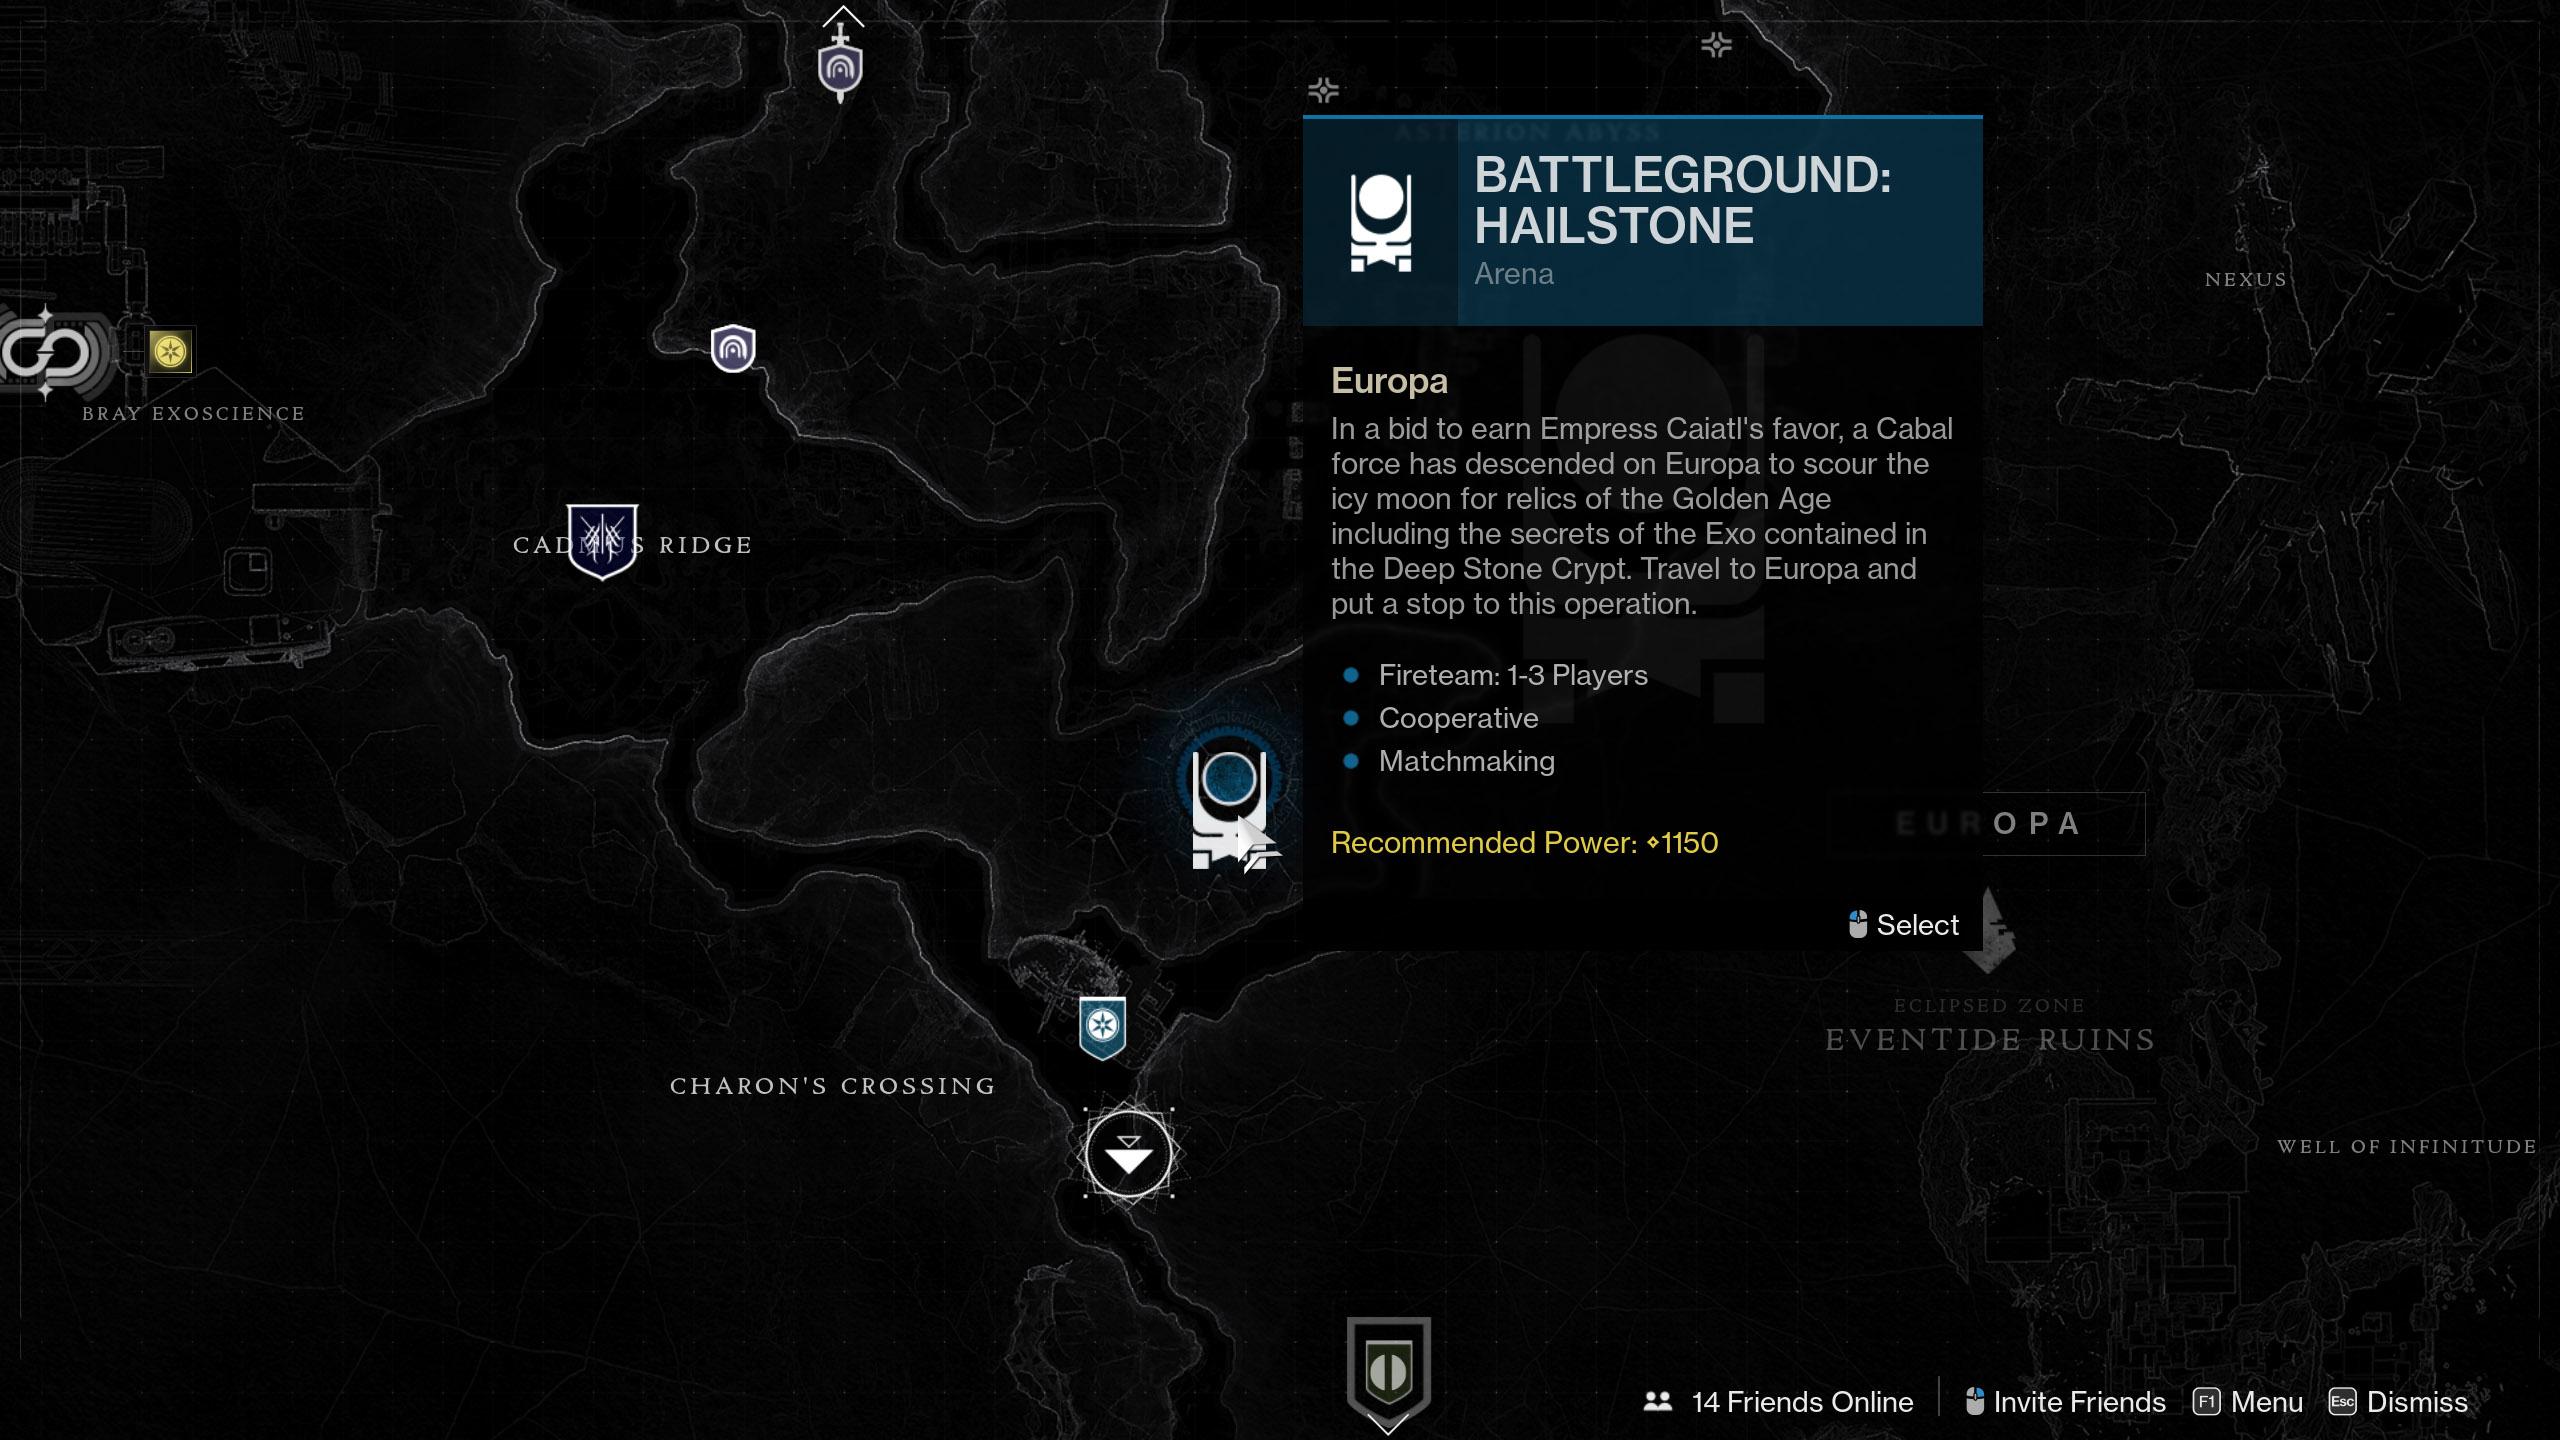 destiny 2 battlegrounds destination